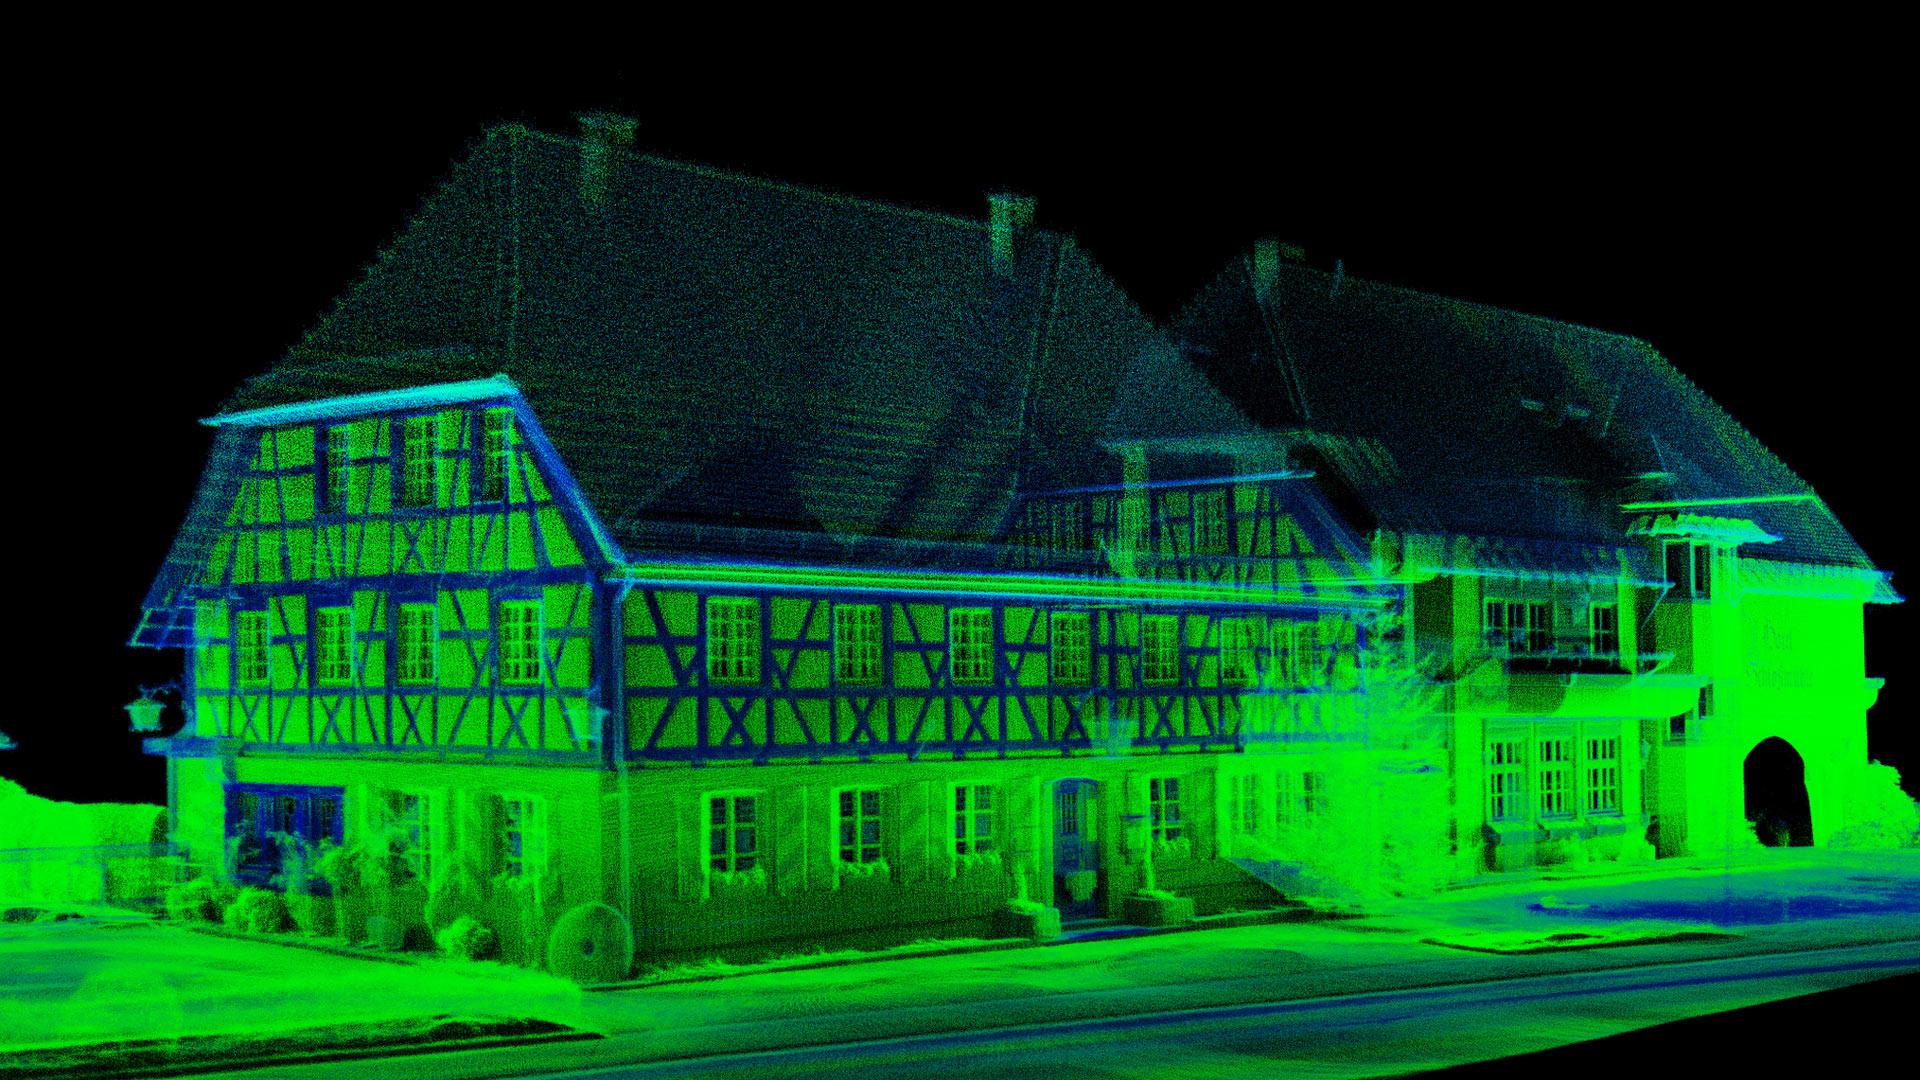 Laser 3D punktwolke Bild von einem Haus